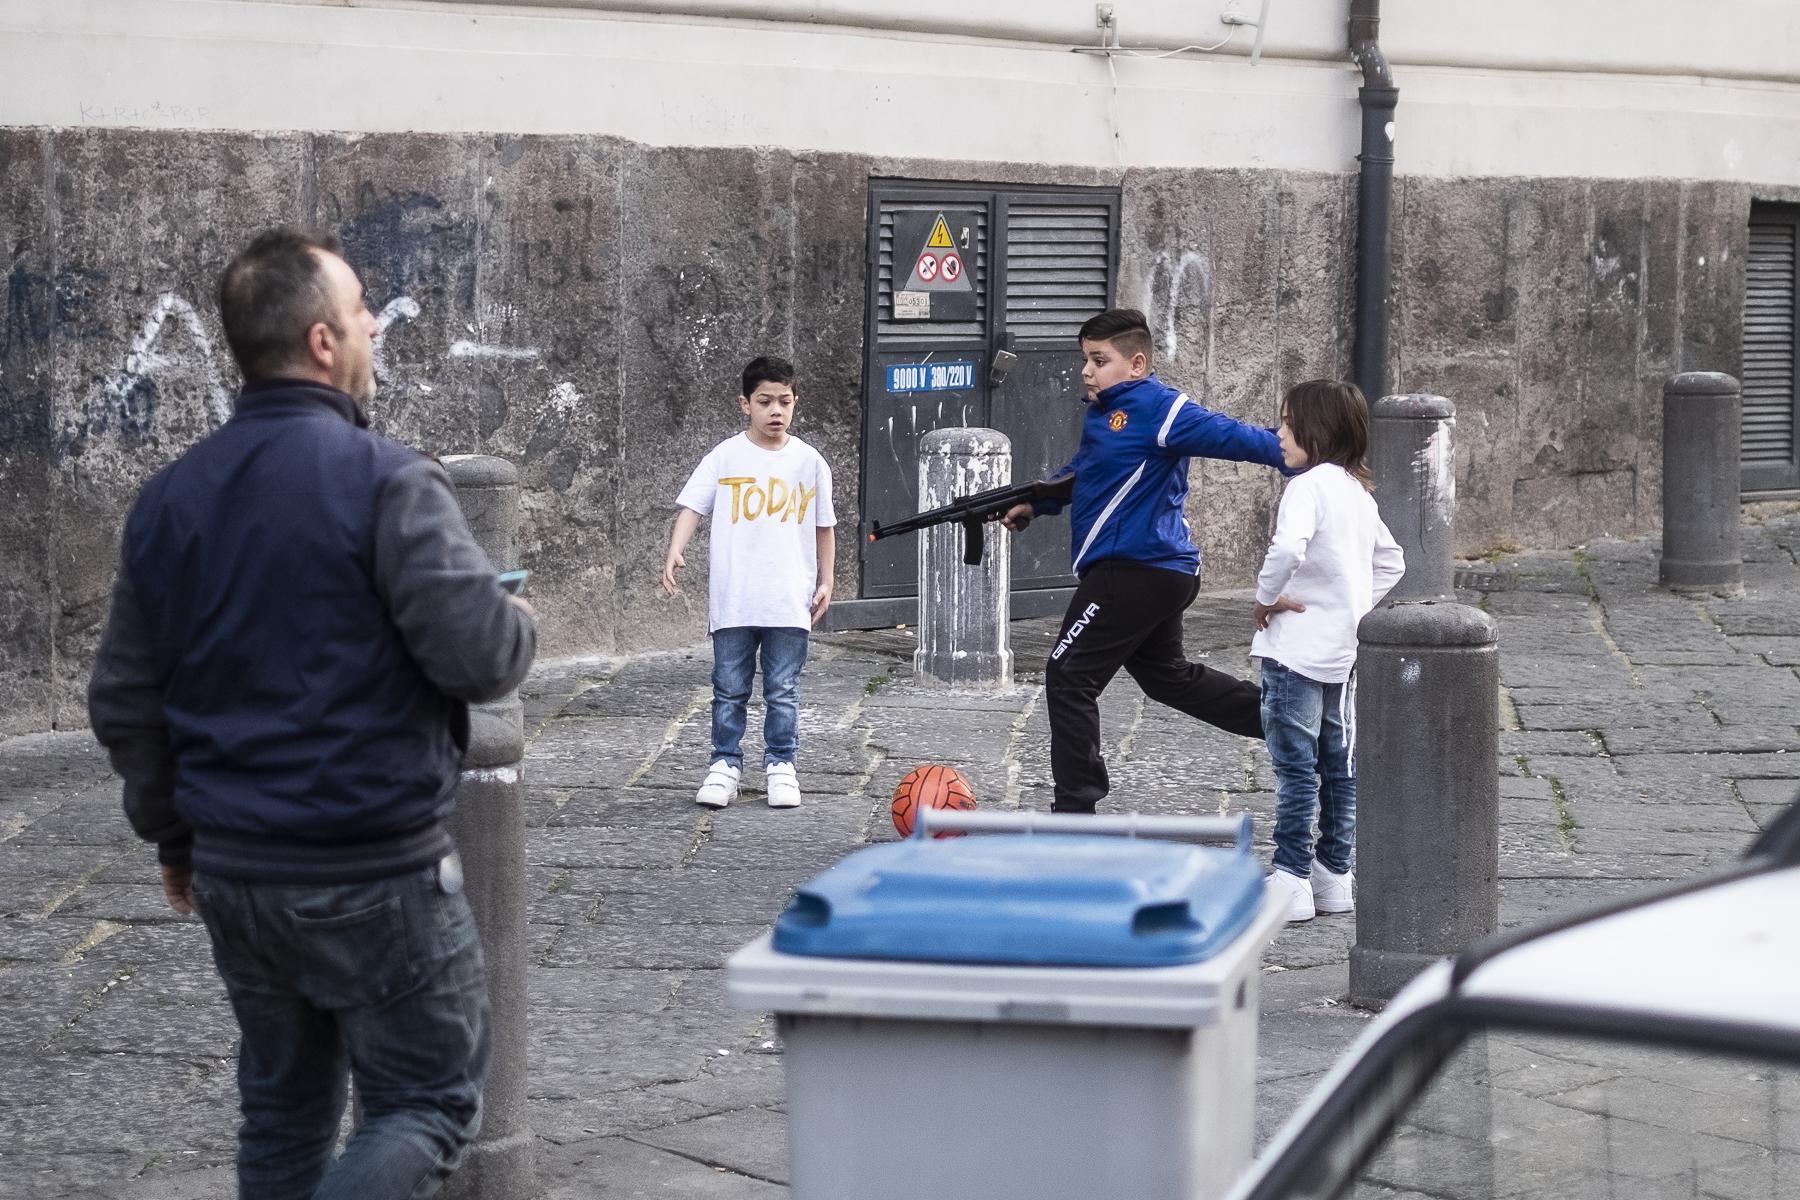 NAPOLI / ZARAGOZA WALKERS